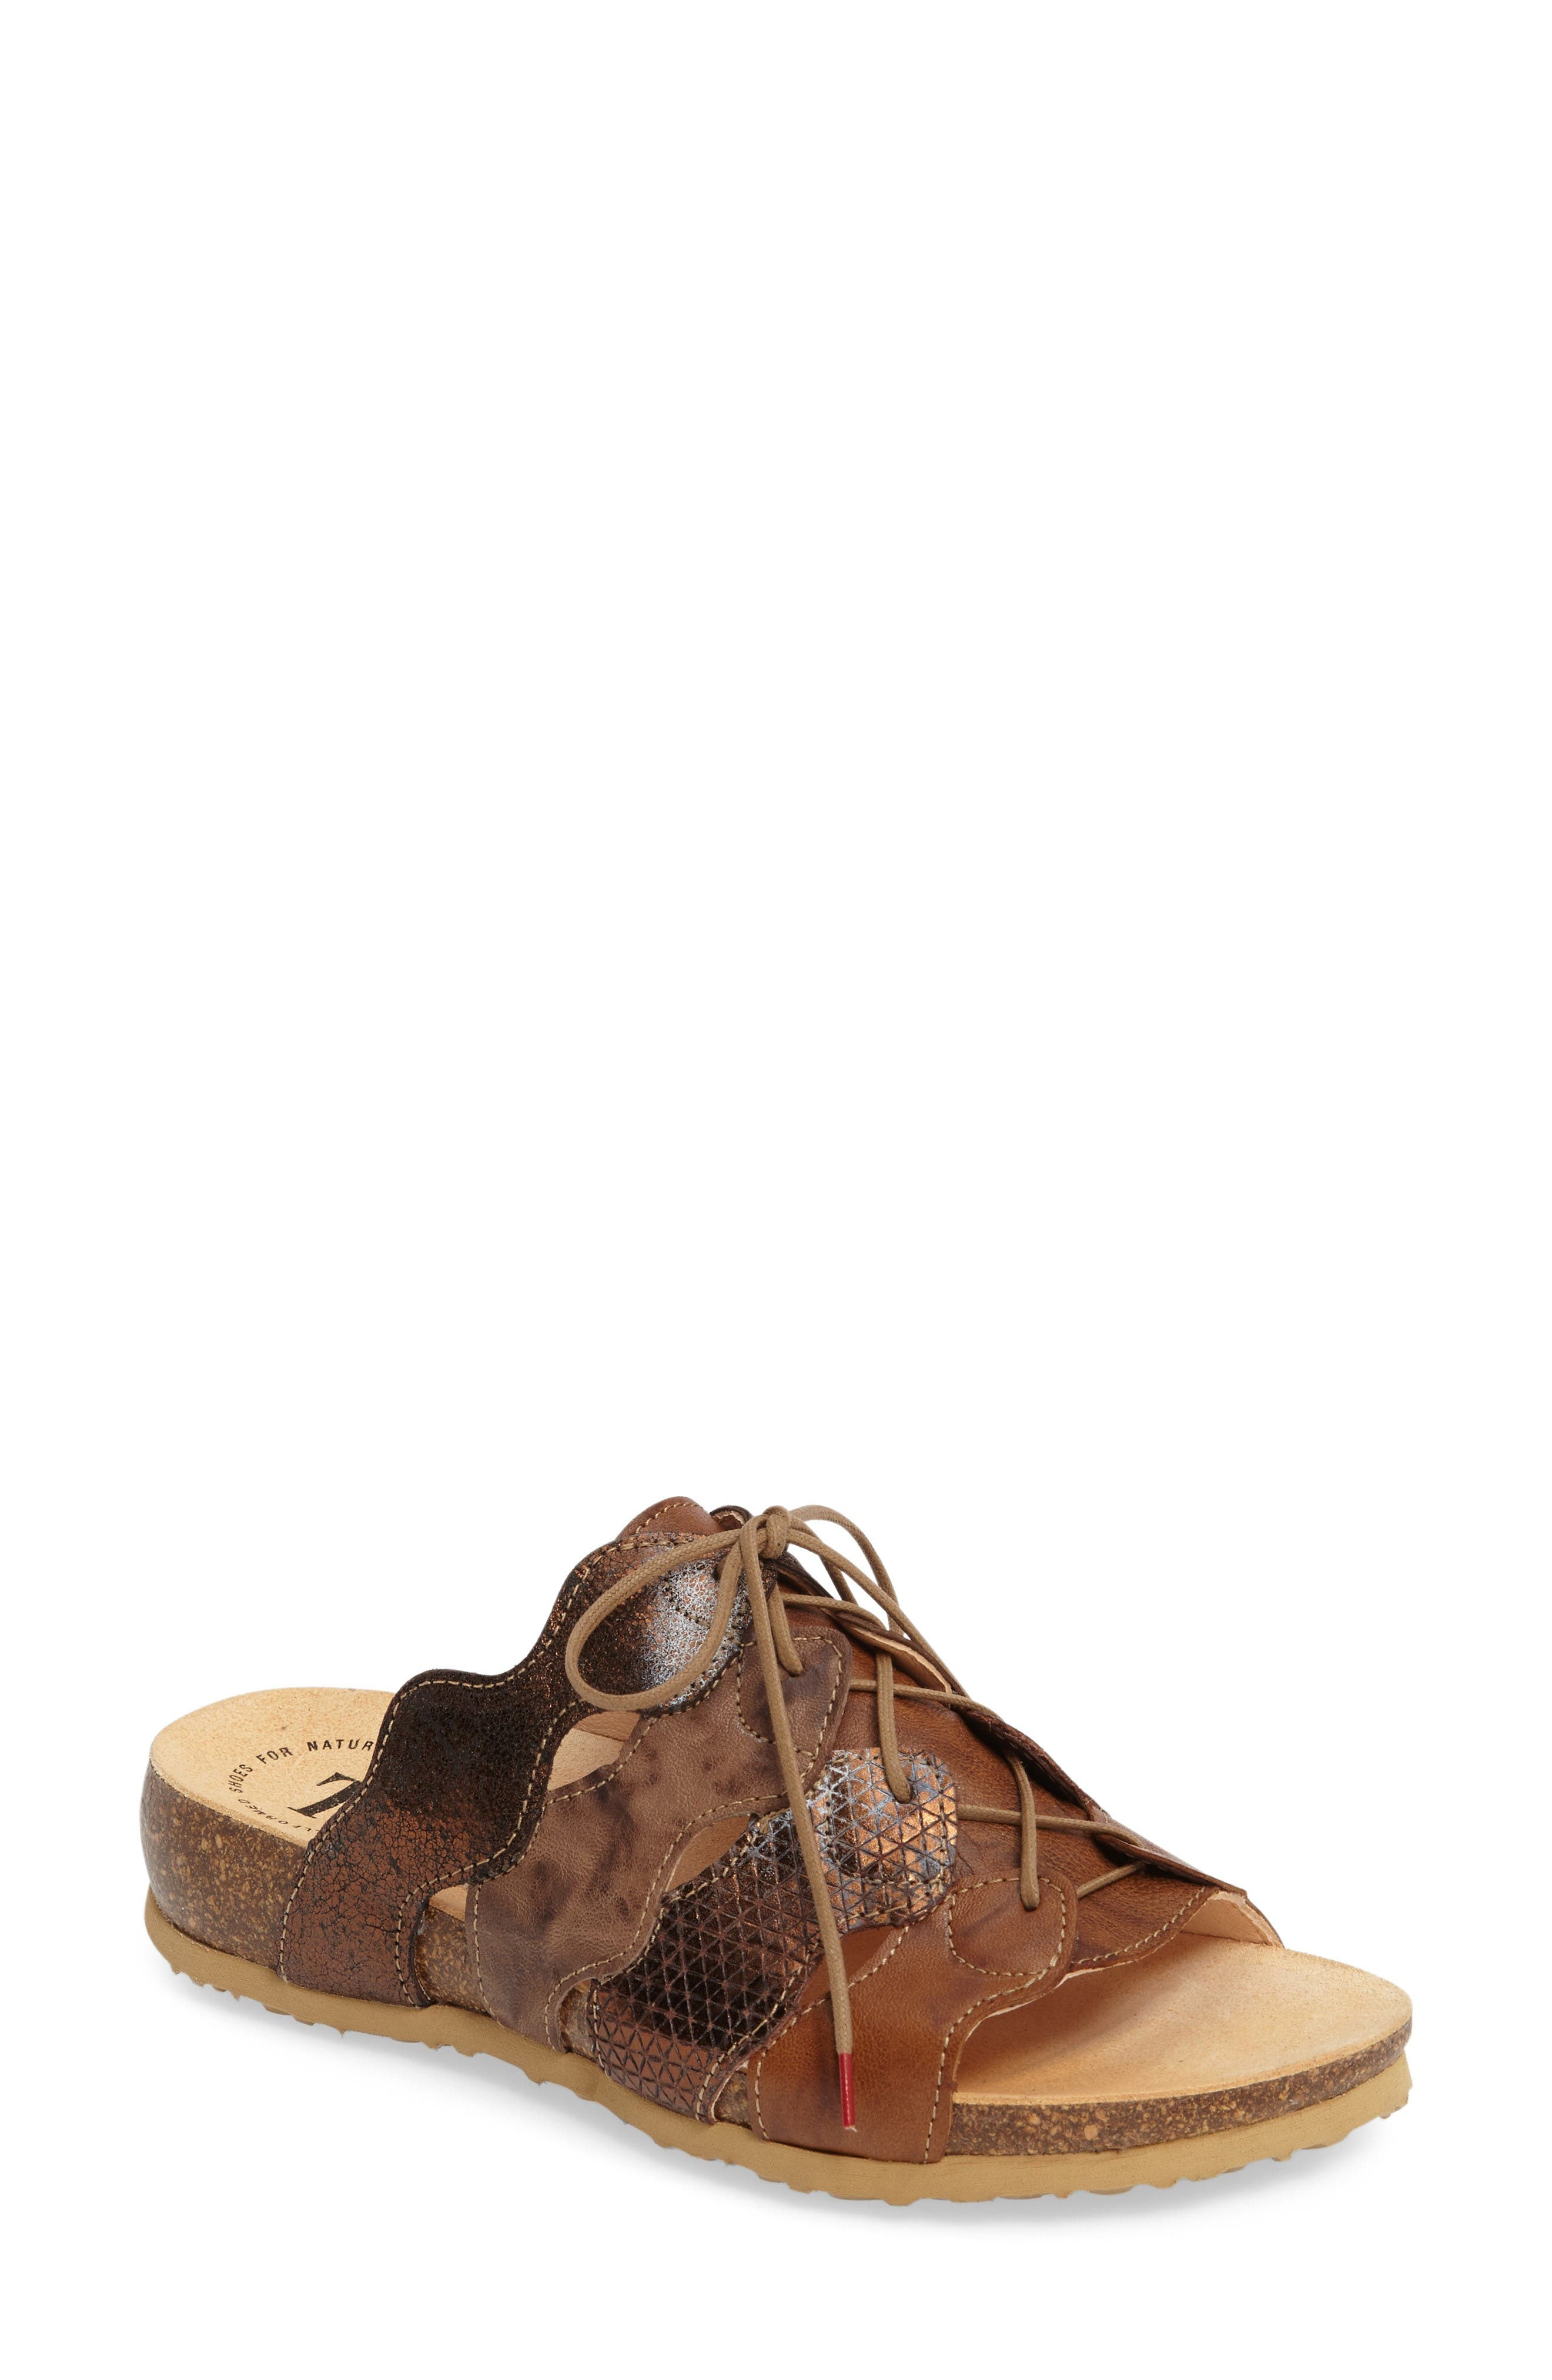 Julia Sandal,                         Main,                         color, Lion Brown Leather